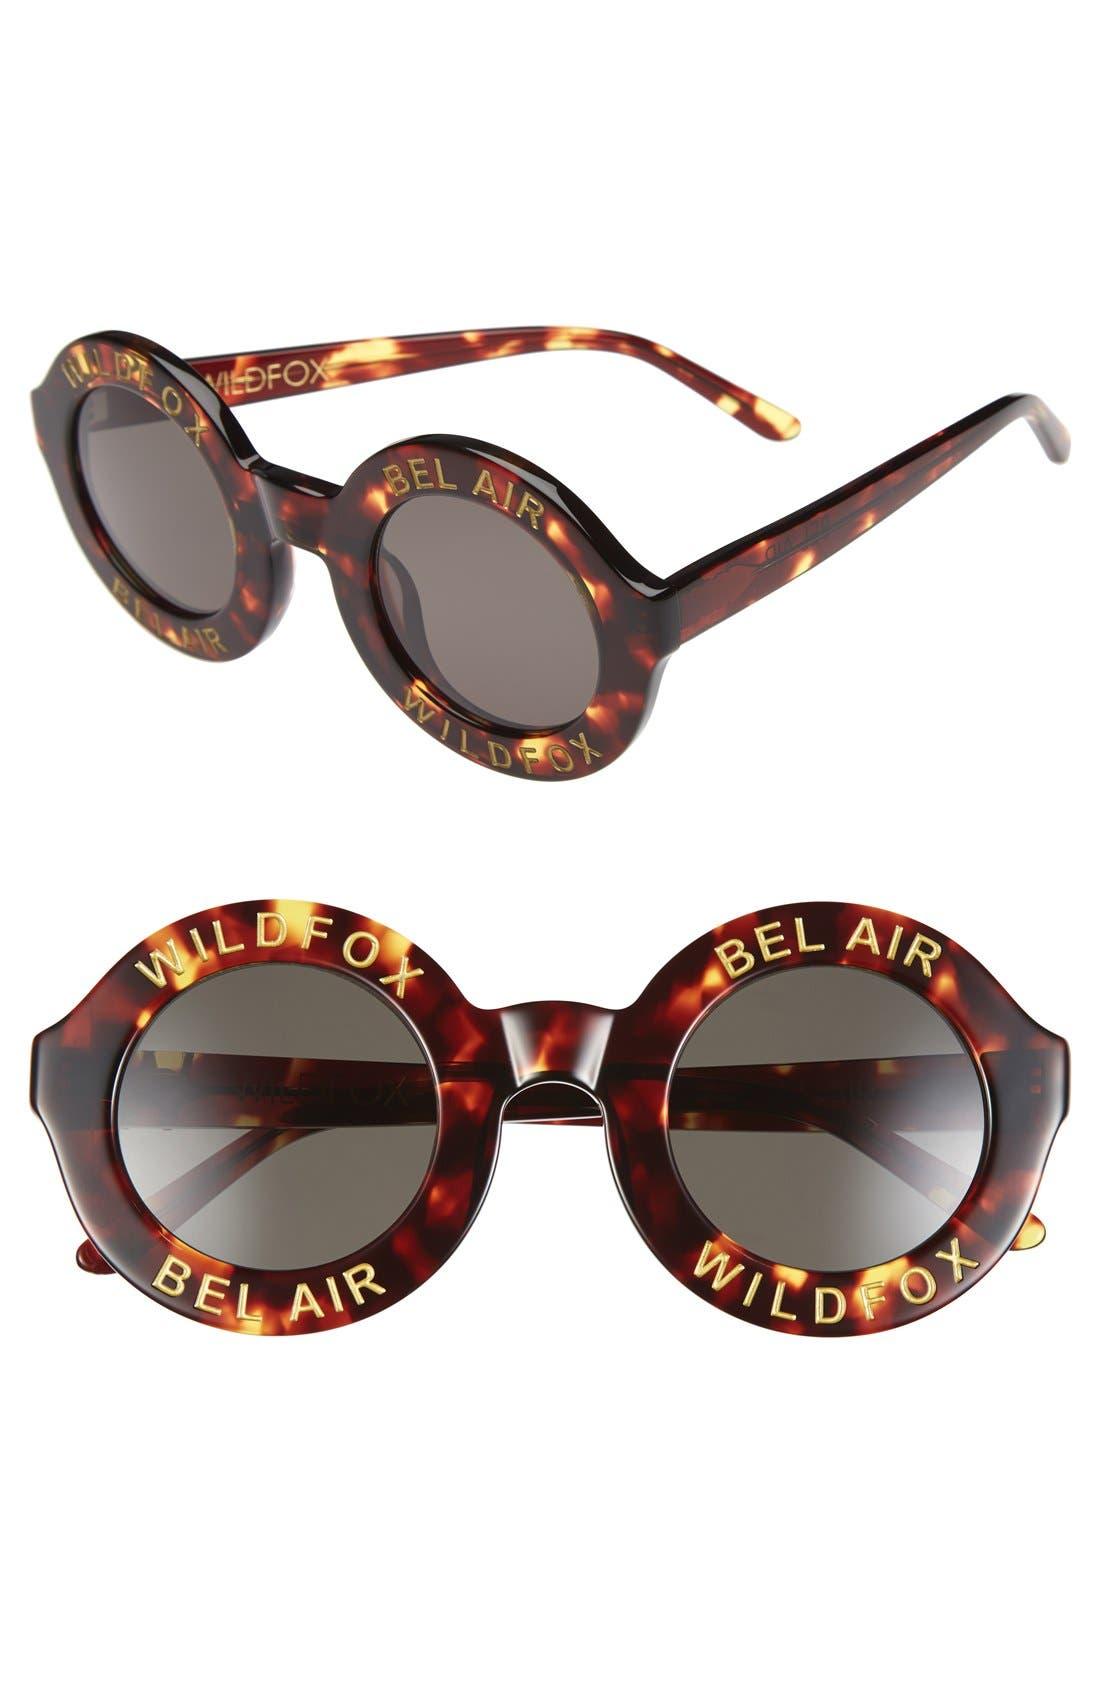 'Bel Air' 44mm Sunglasses,                             Main thumbnail 1, color,                             Tokyo Tortoise